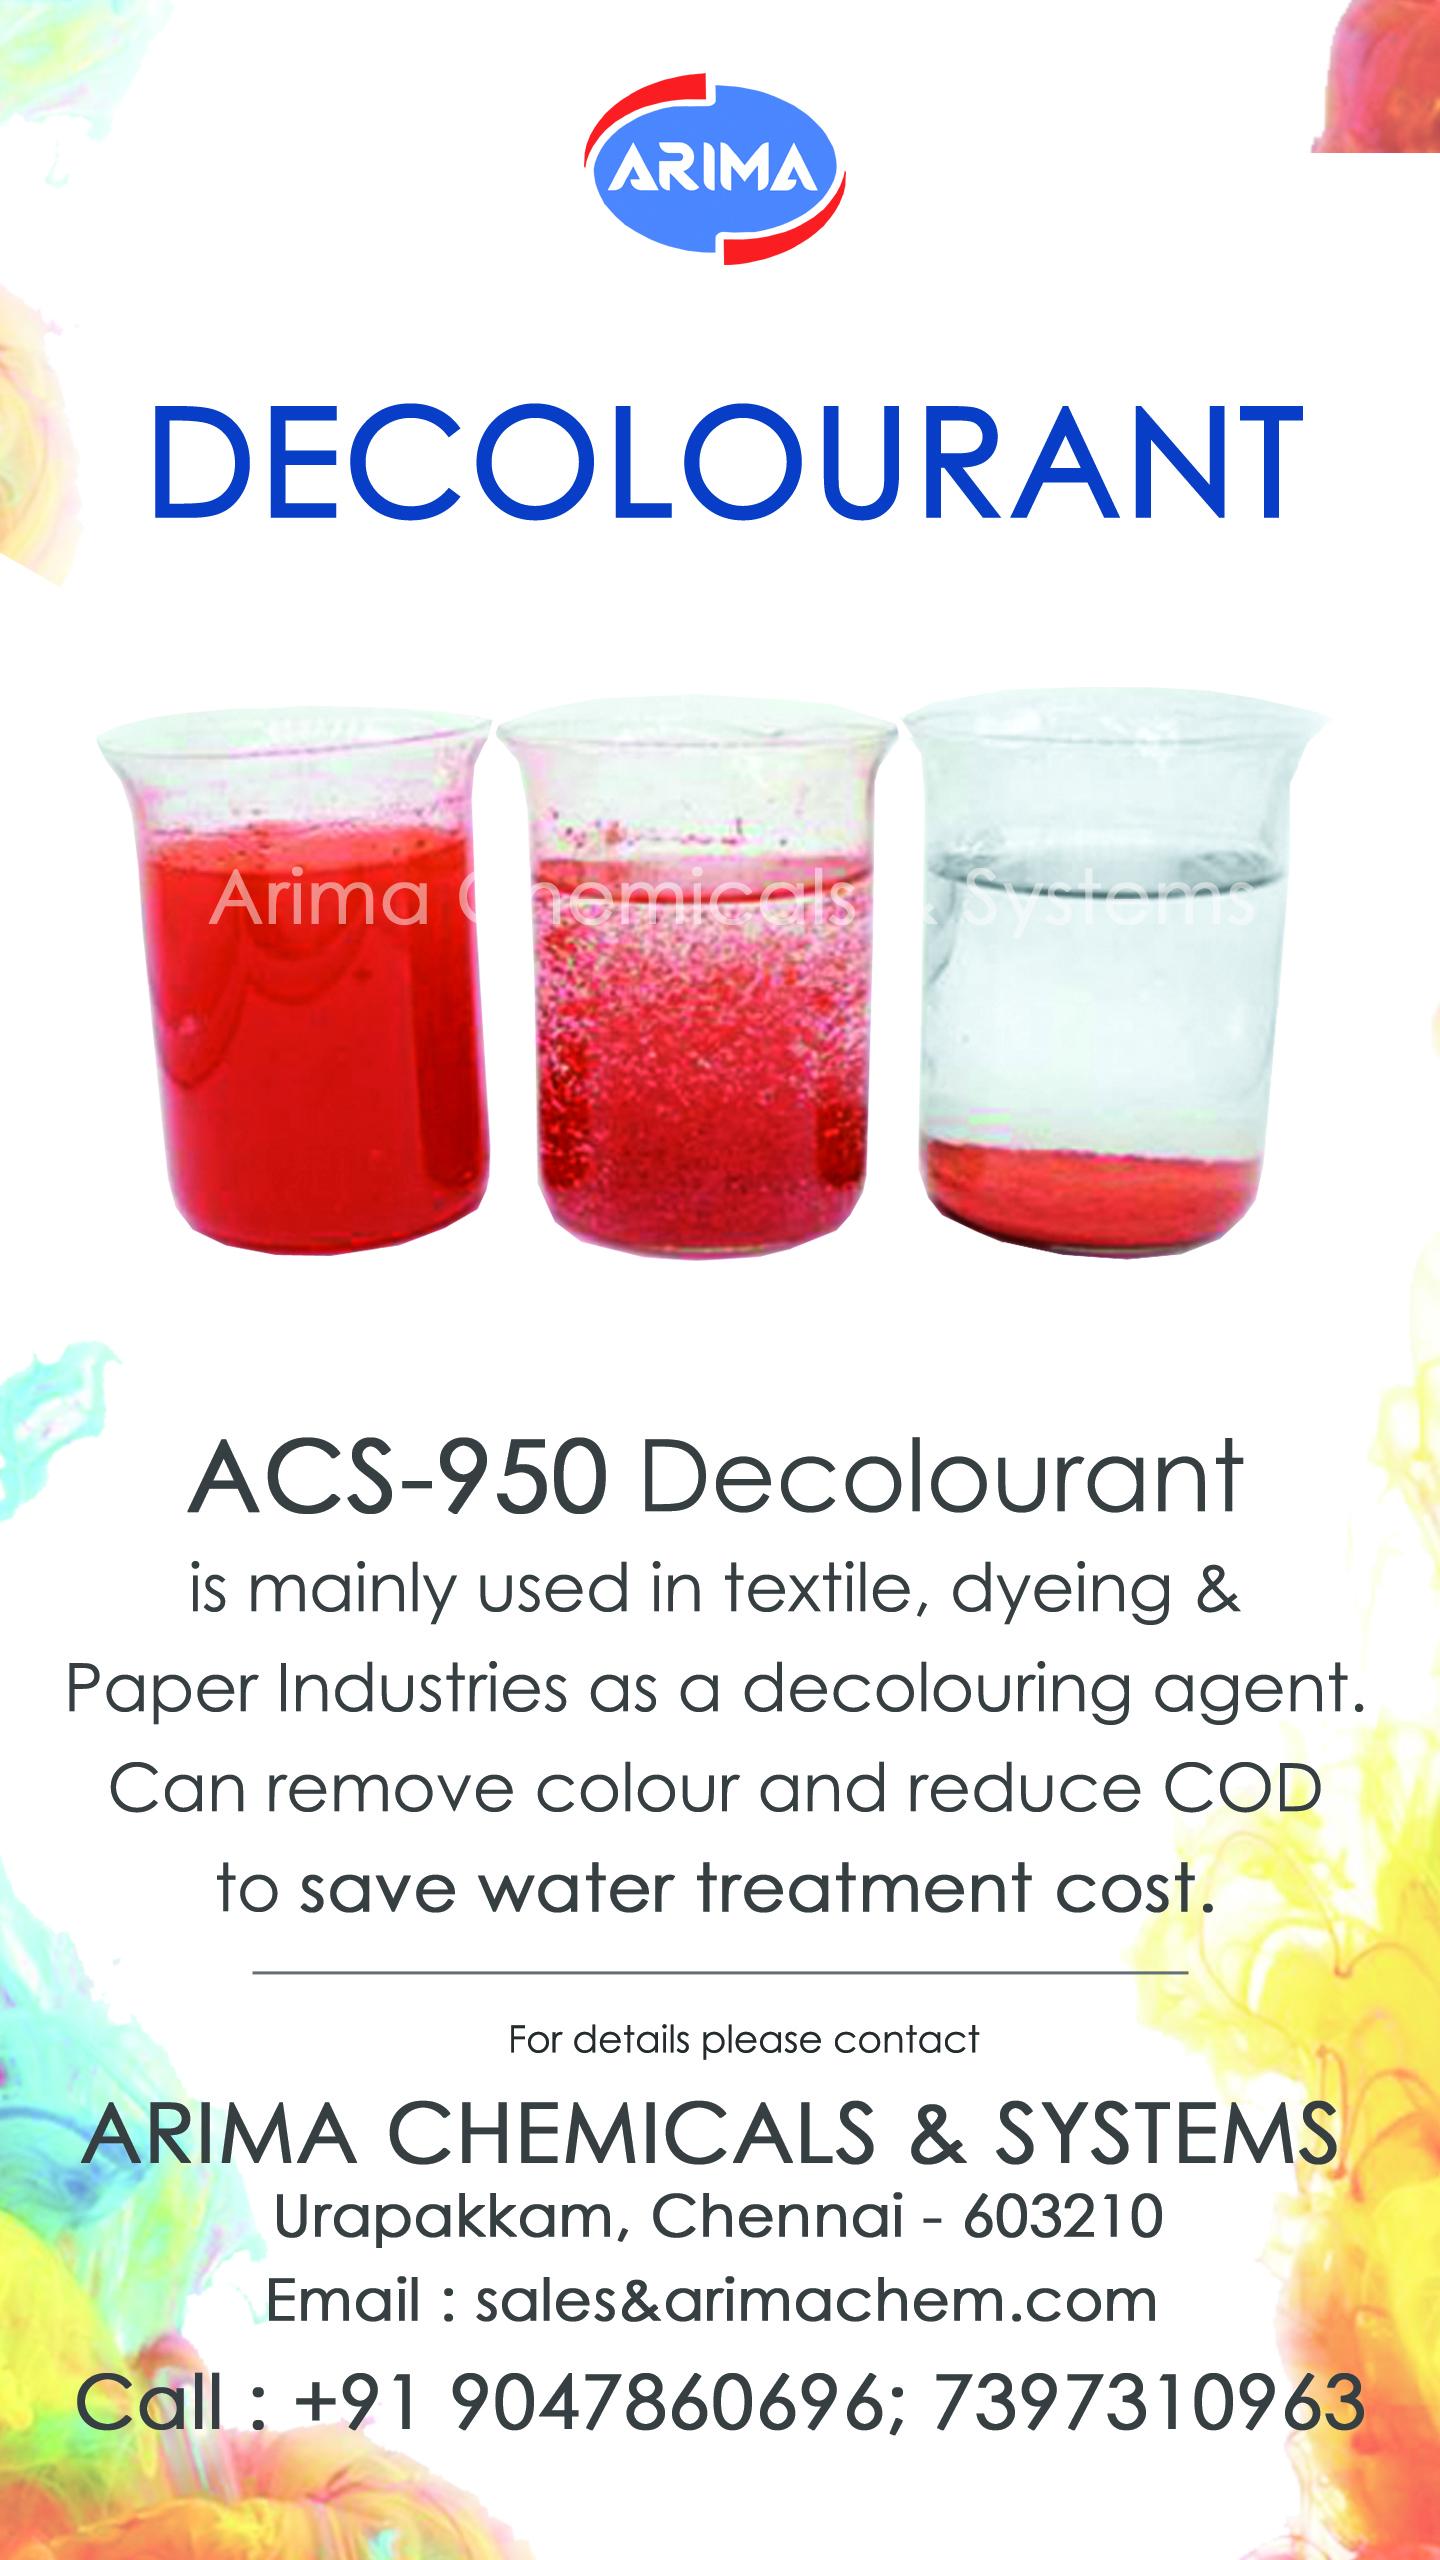 Decolorant ACS-950